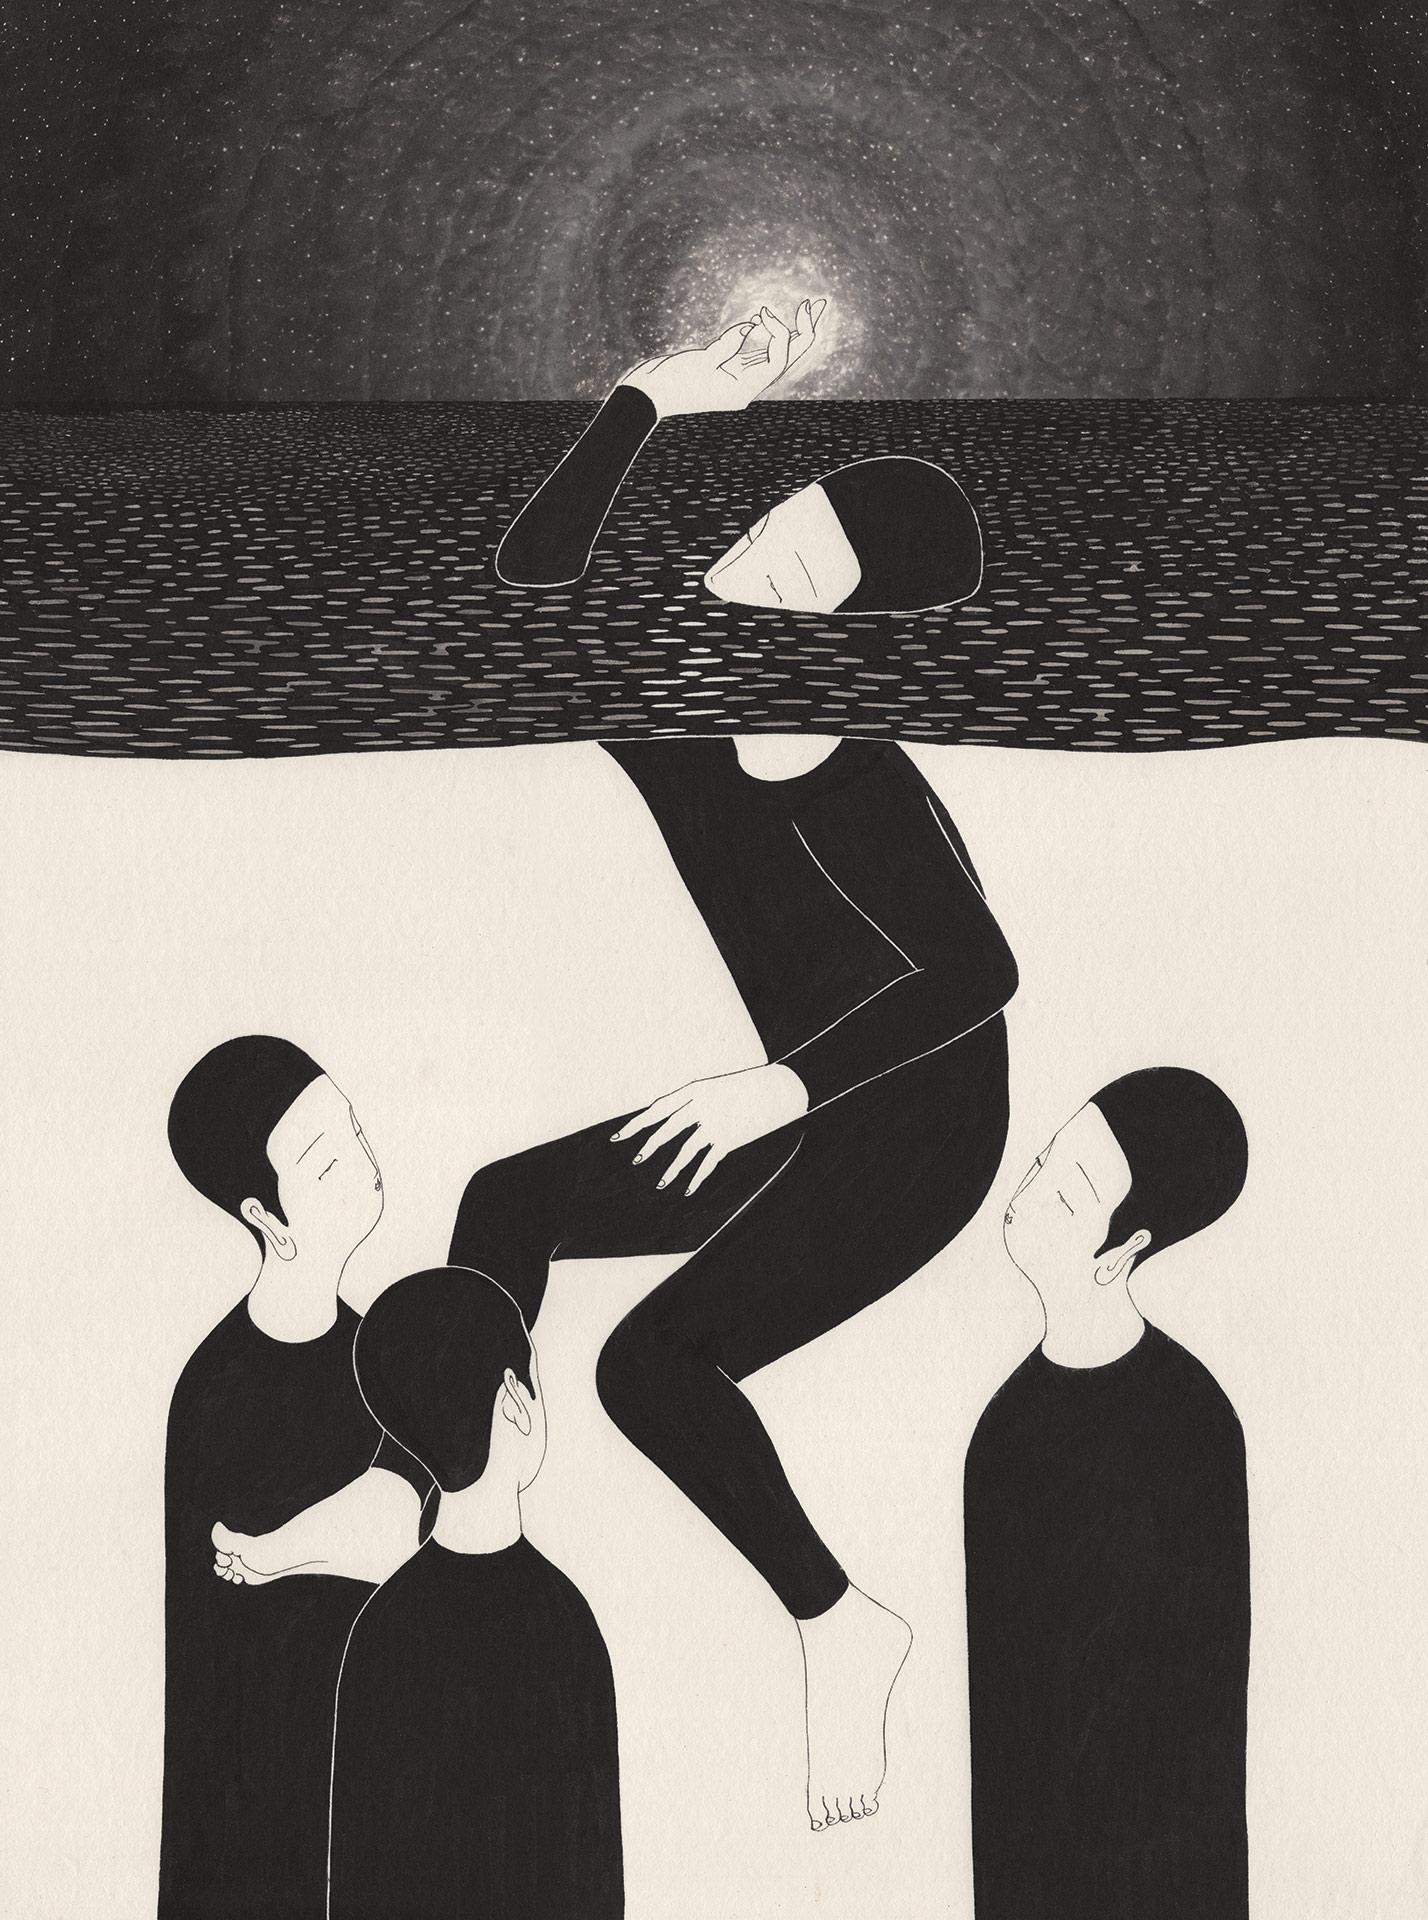 예술가 되기  /  Being an artist   Op.0181P -42 x 68 cm,한지에 먹 / Korean ink on Korean paper, 2017